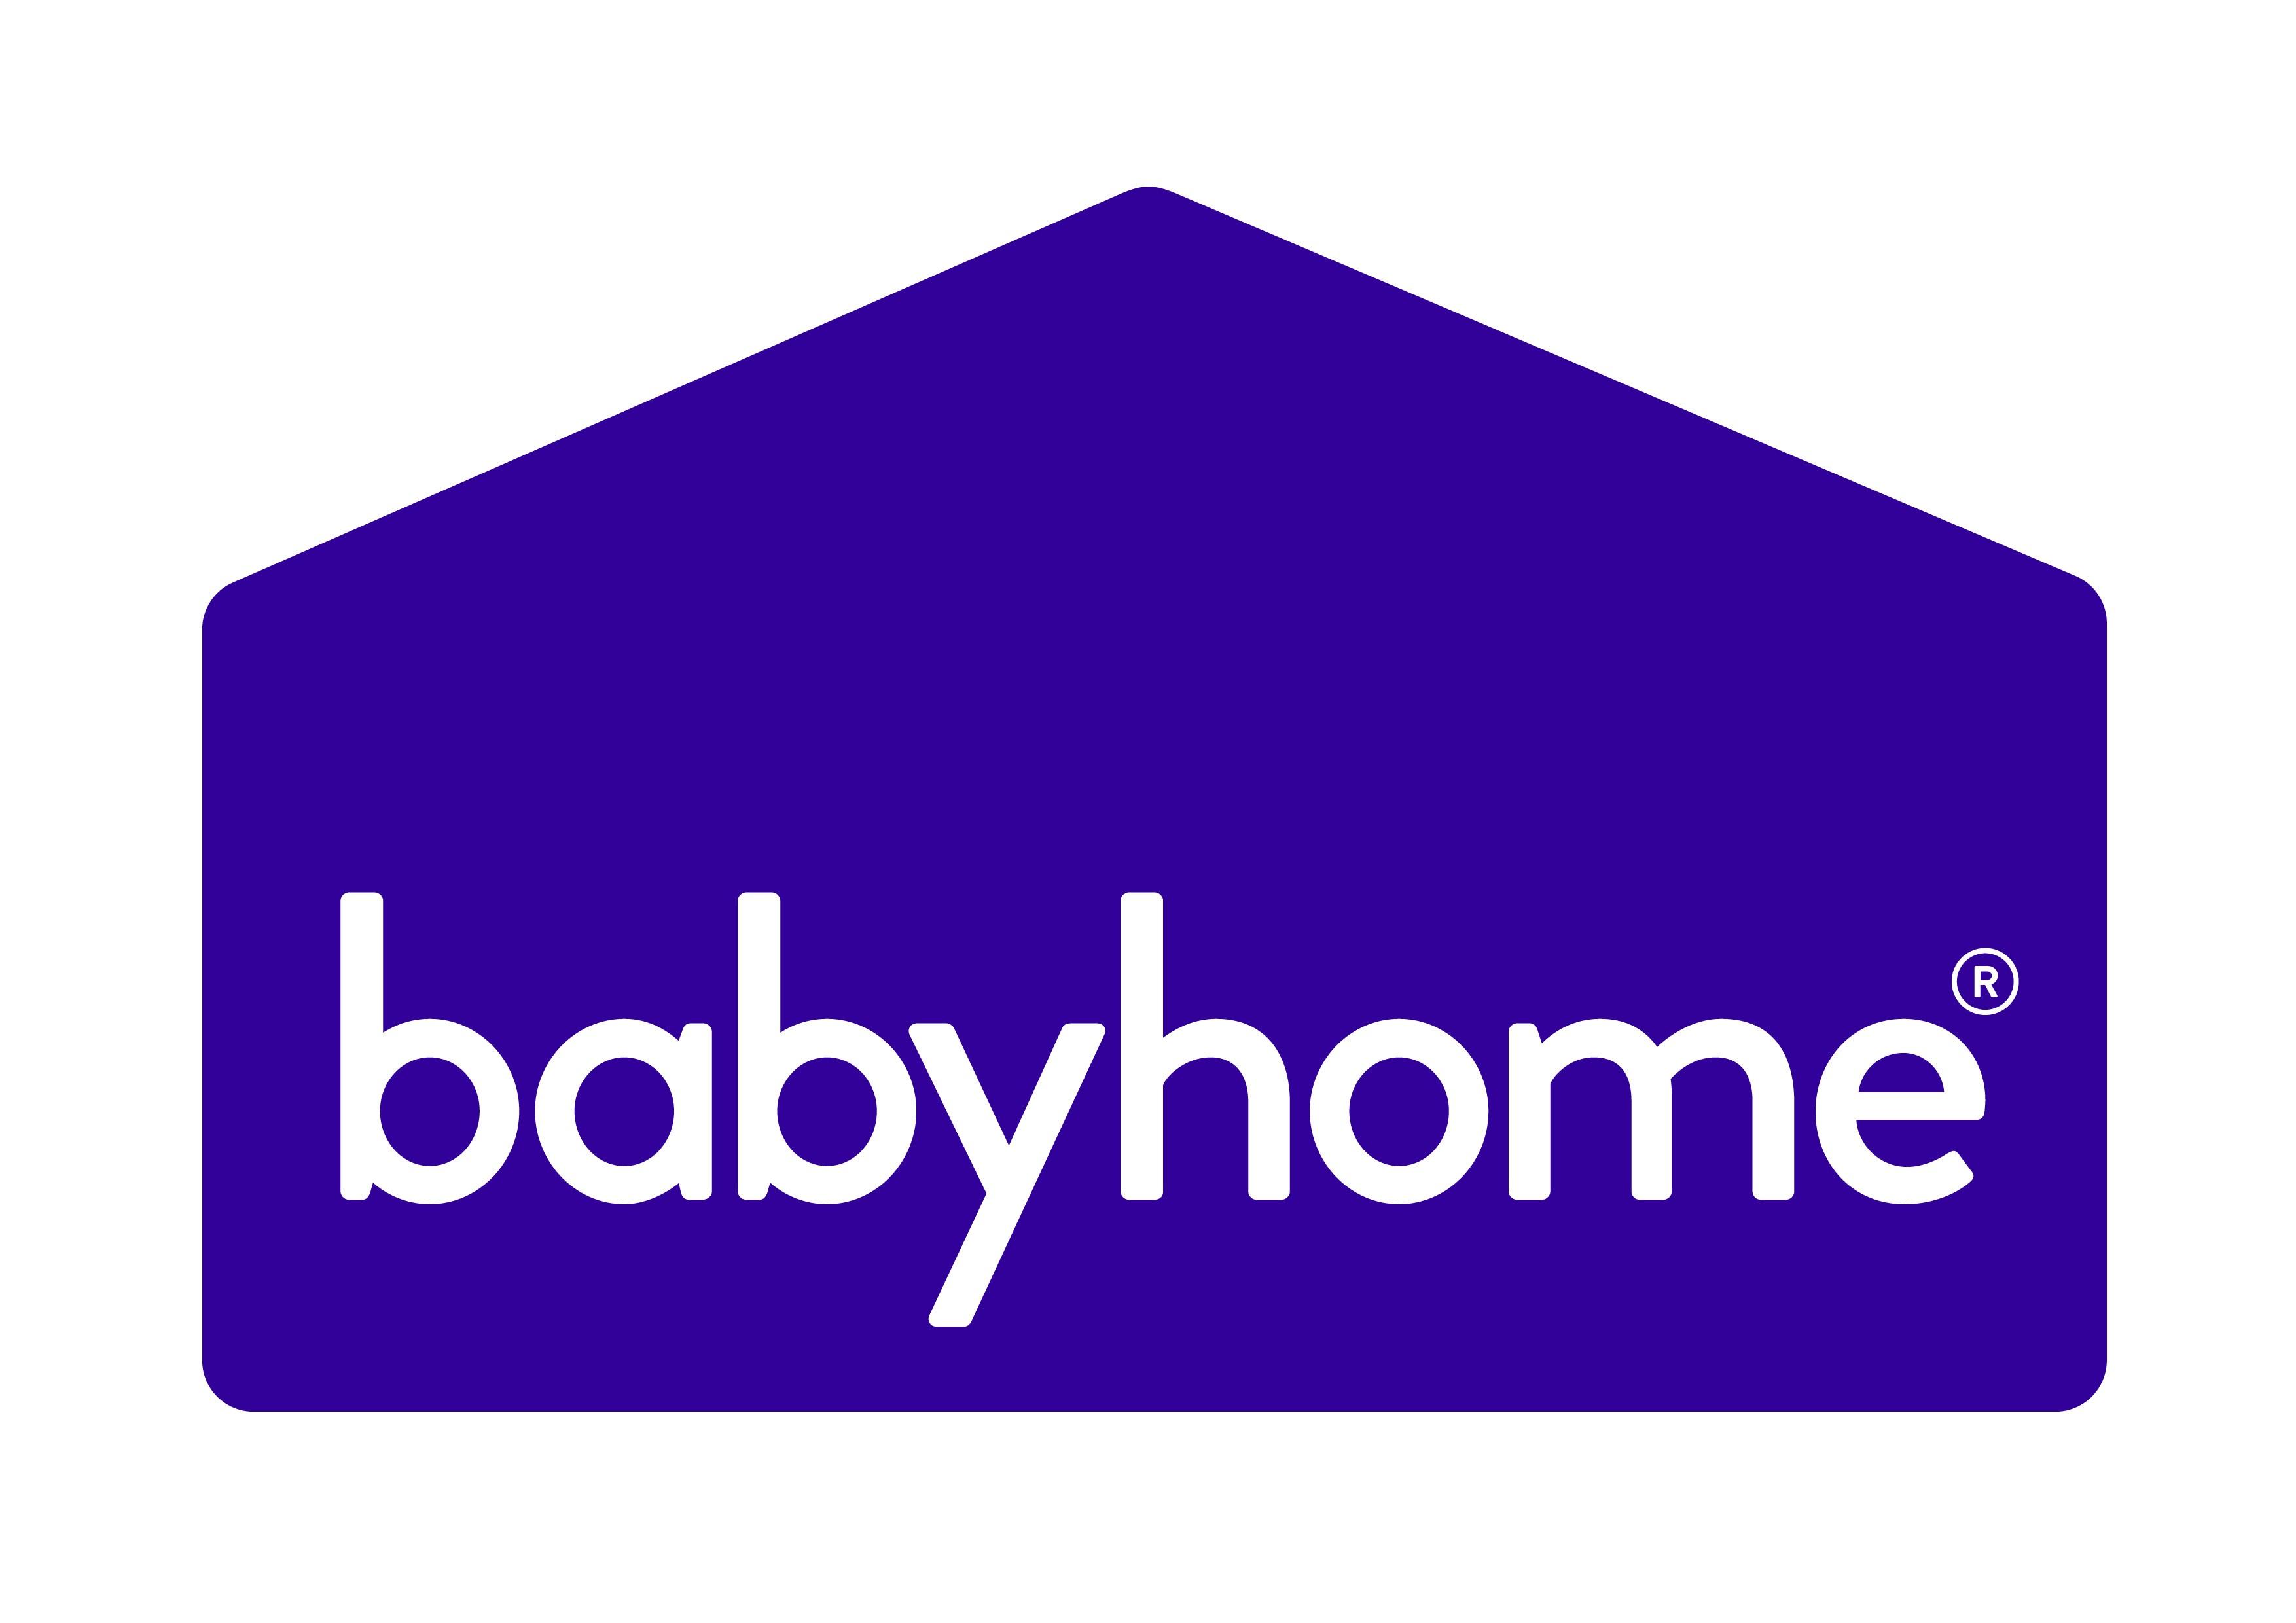 BABYHOME